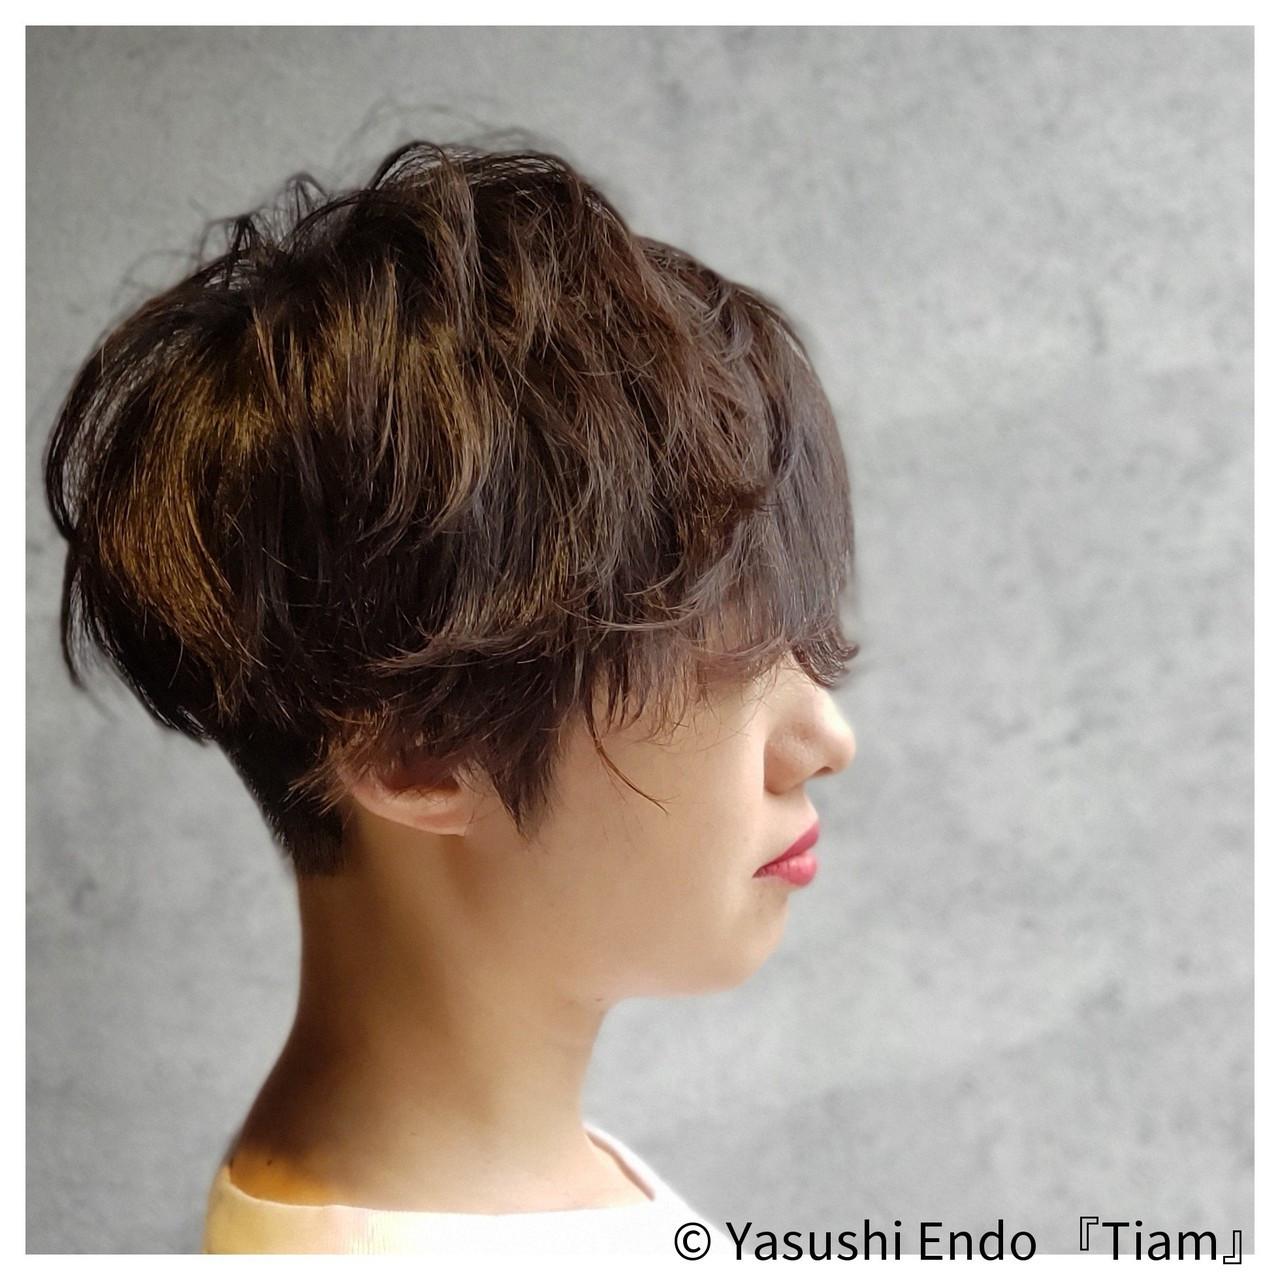 大人ヘアスタイル ナチュラル可愛い 刈り上げ女子 モード ヘアスタイルや髪型の写真・画像